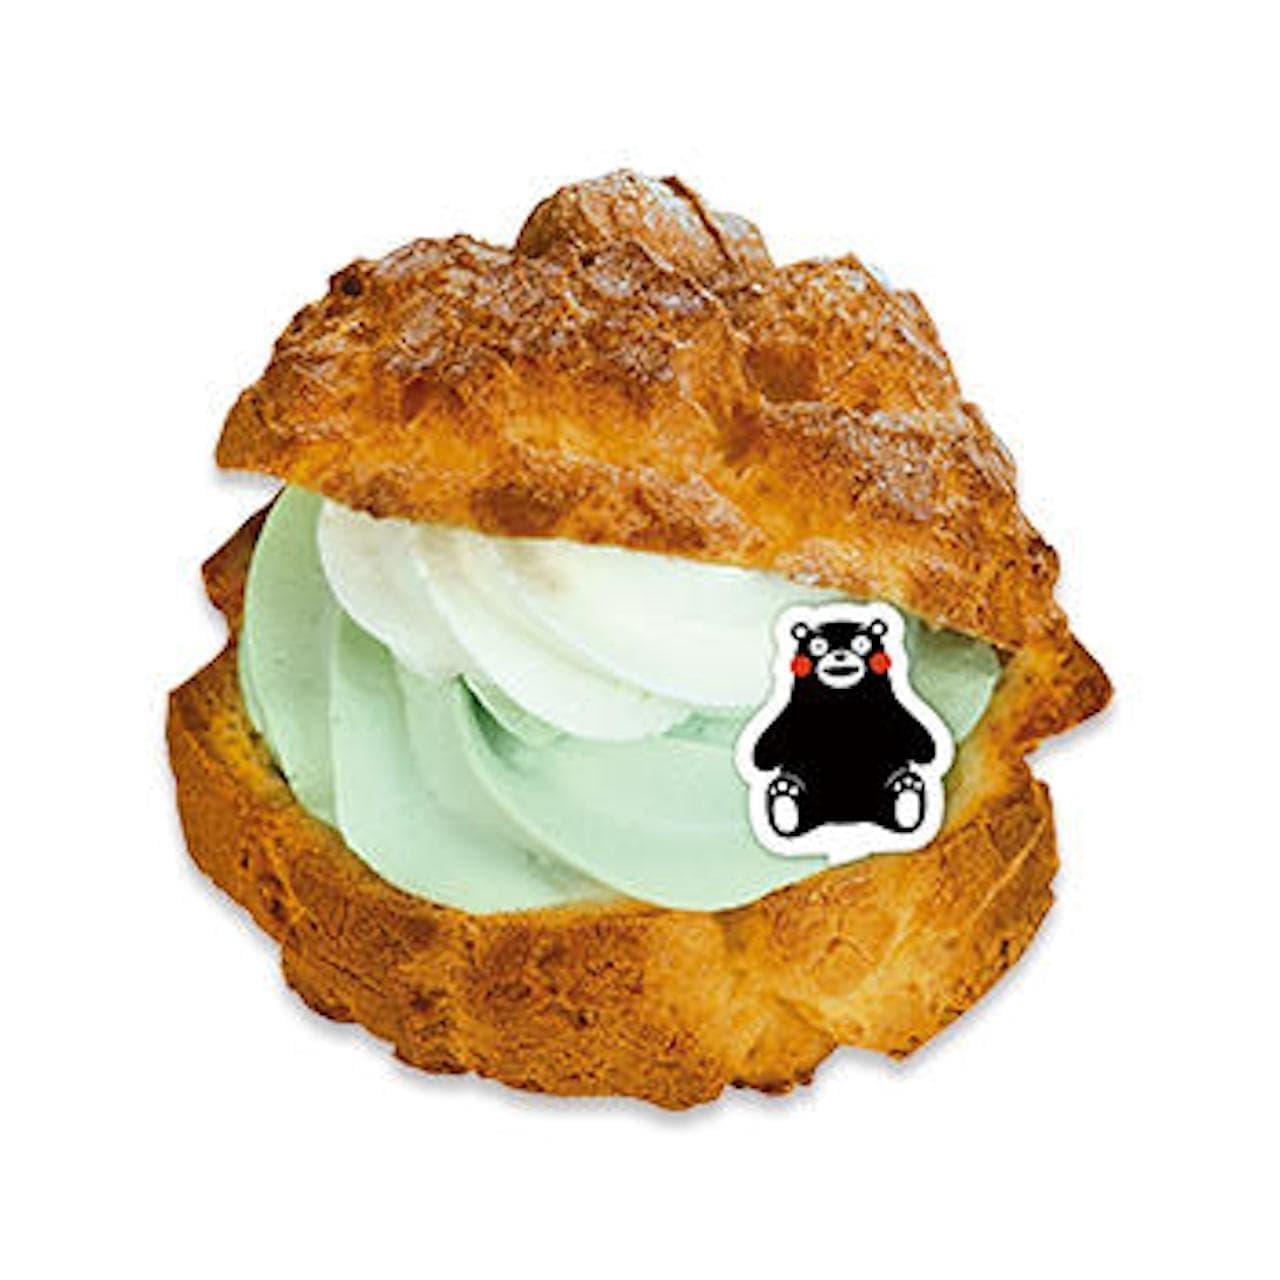 不二家 新作ケーキ 窯焼きダブルシュークリーム(熊本県産肥後グリーンメロン)